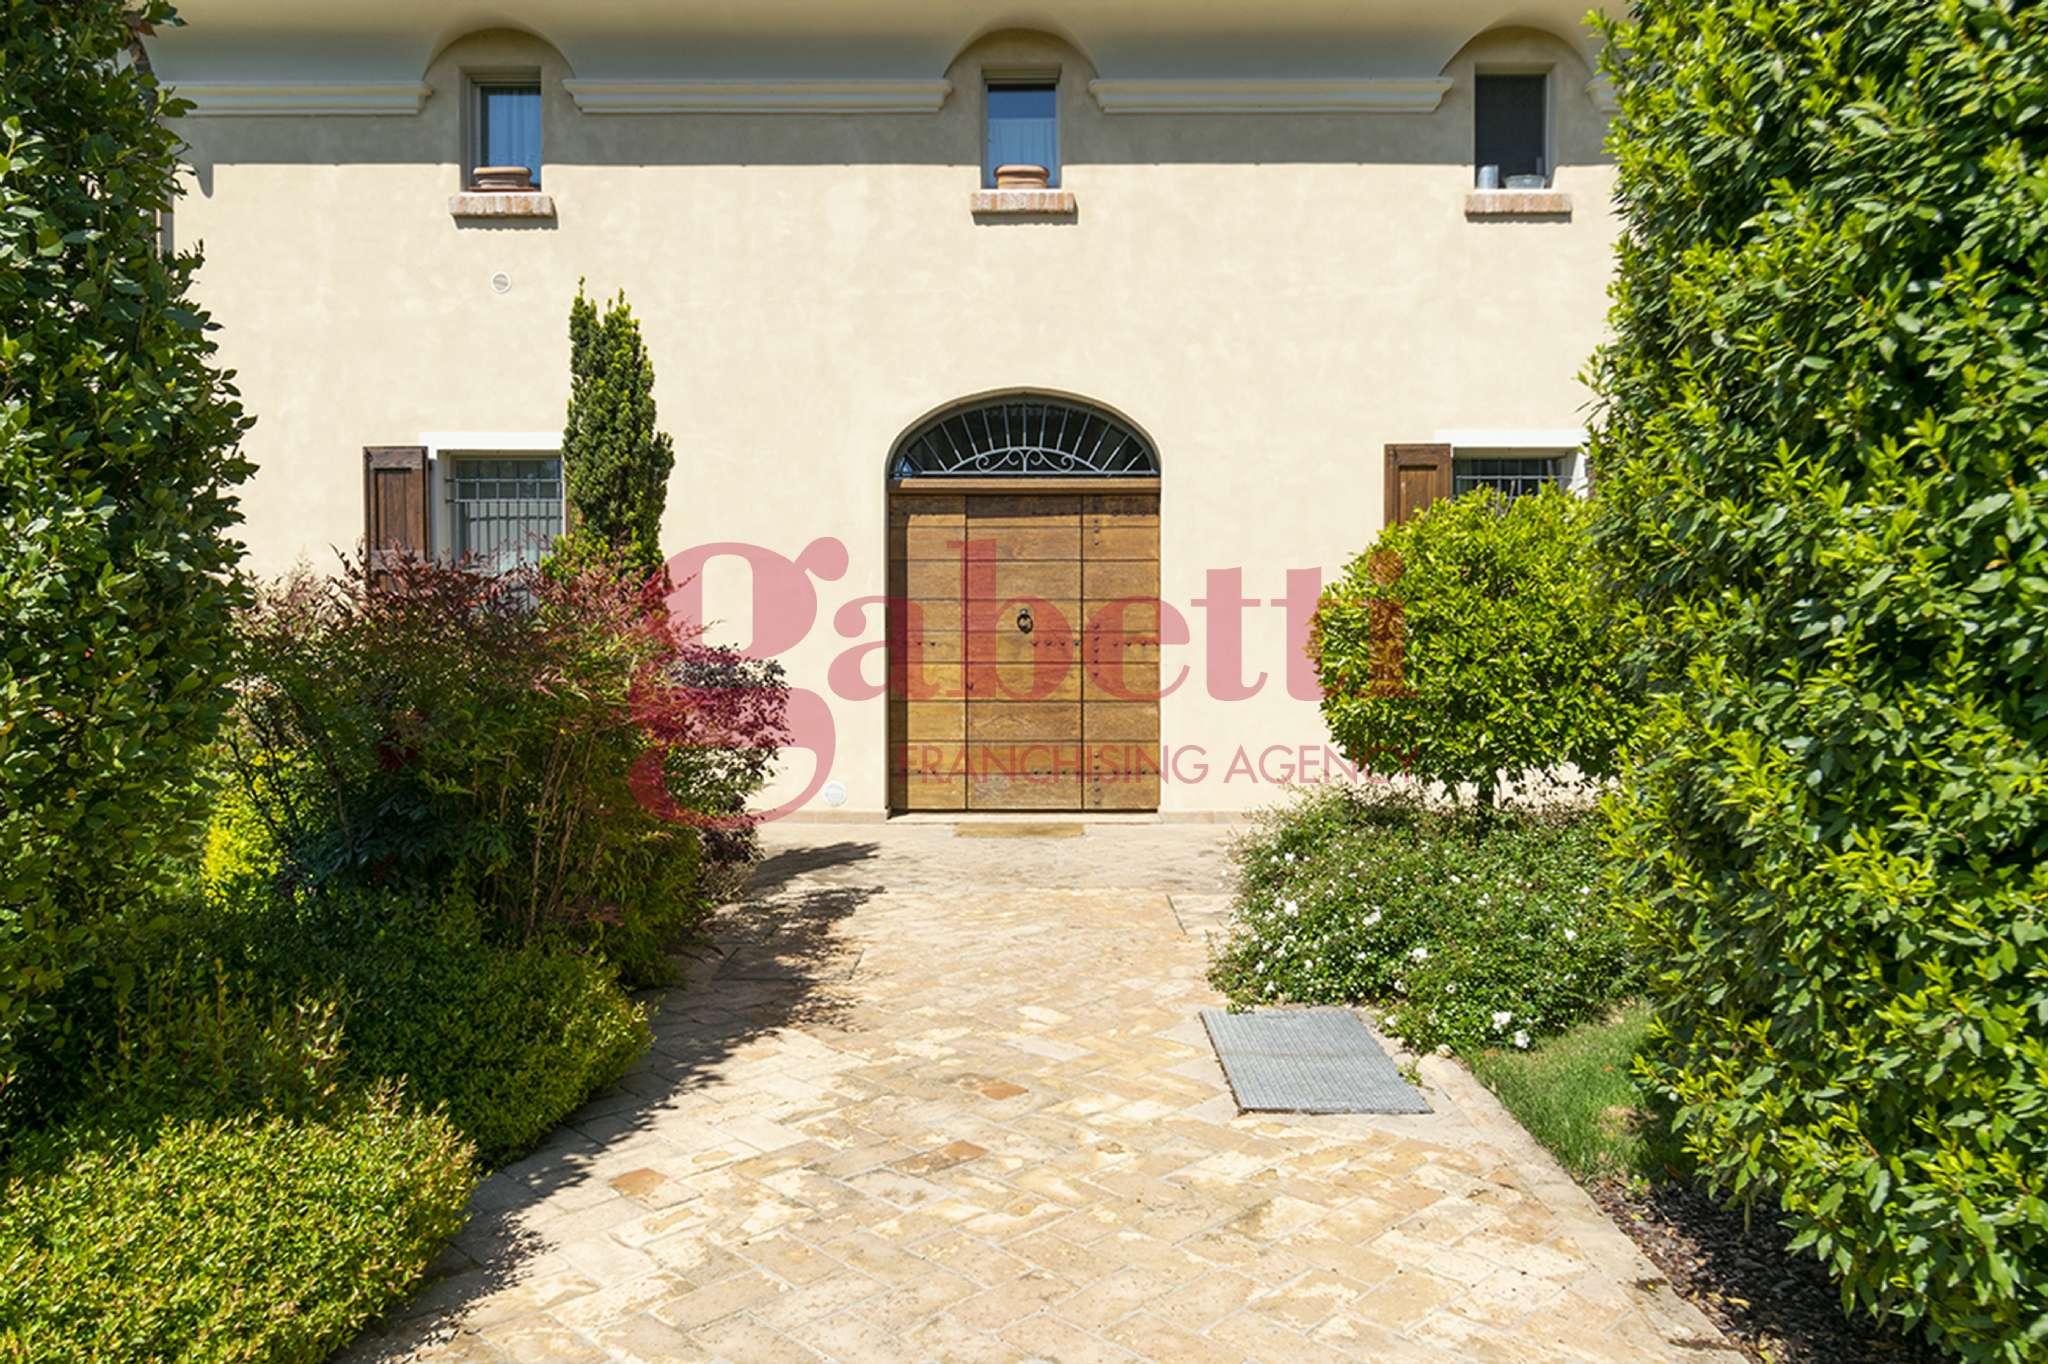 Attico / Mansarda in vendita a Castenaso, 6 locali, prezzo € 429.000 | PortaleAgenzieImmobiliari.it